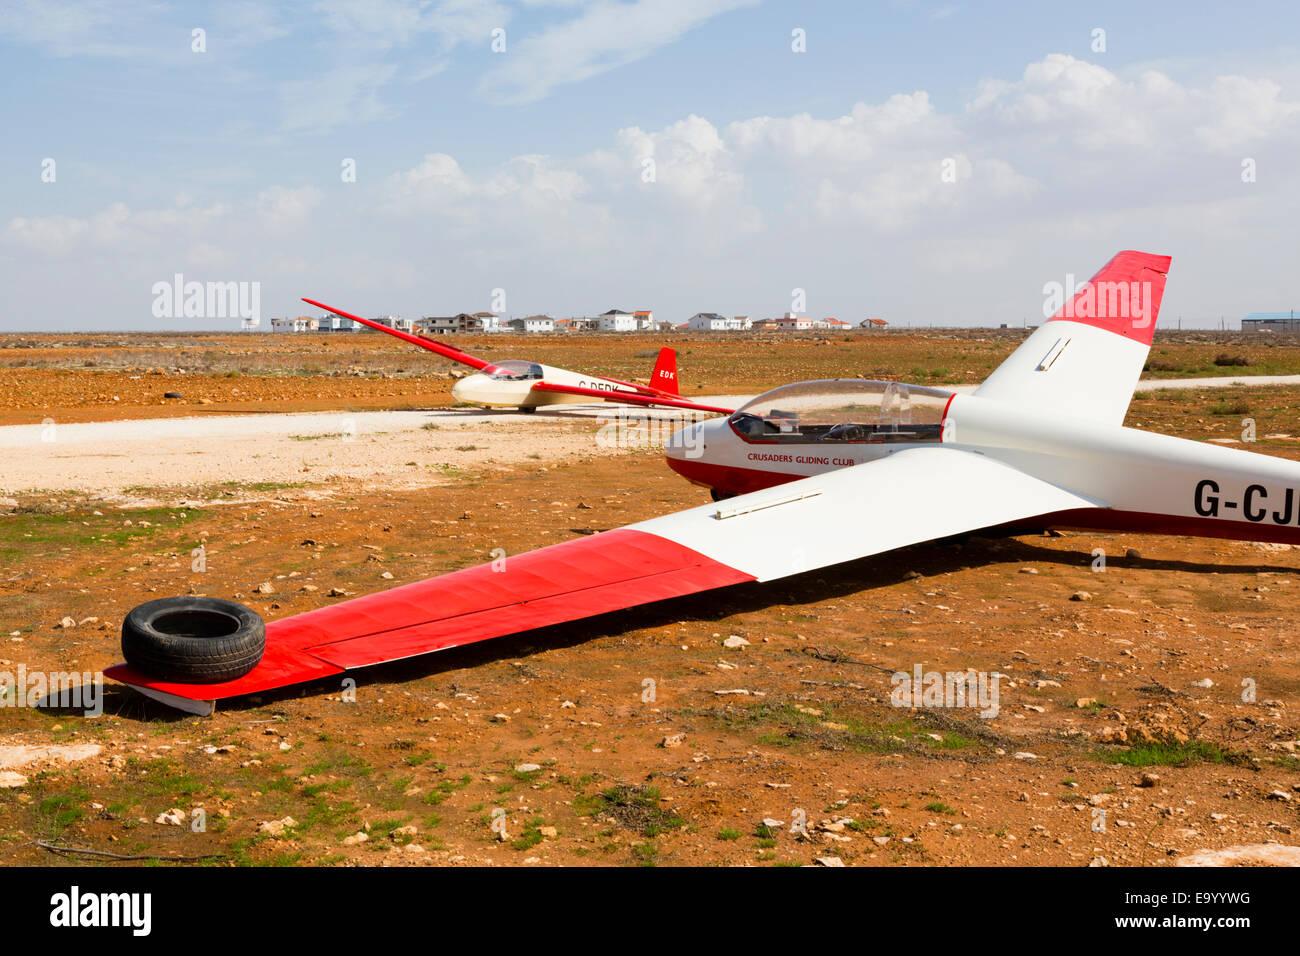 glider sailplane gliding gliders stock photos glider sailplane